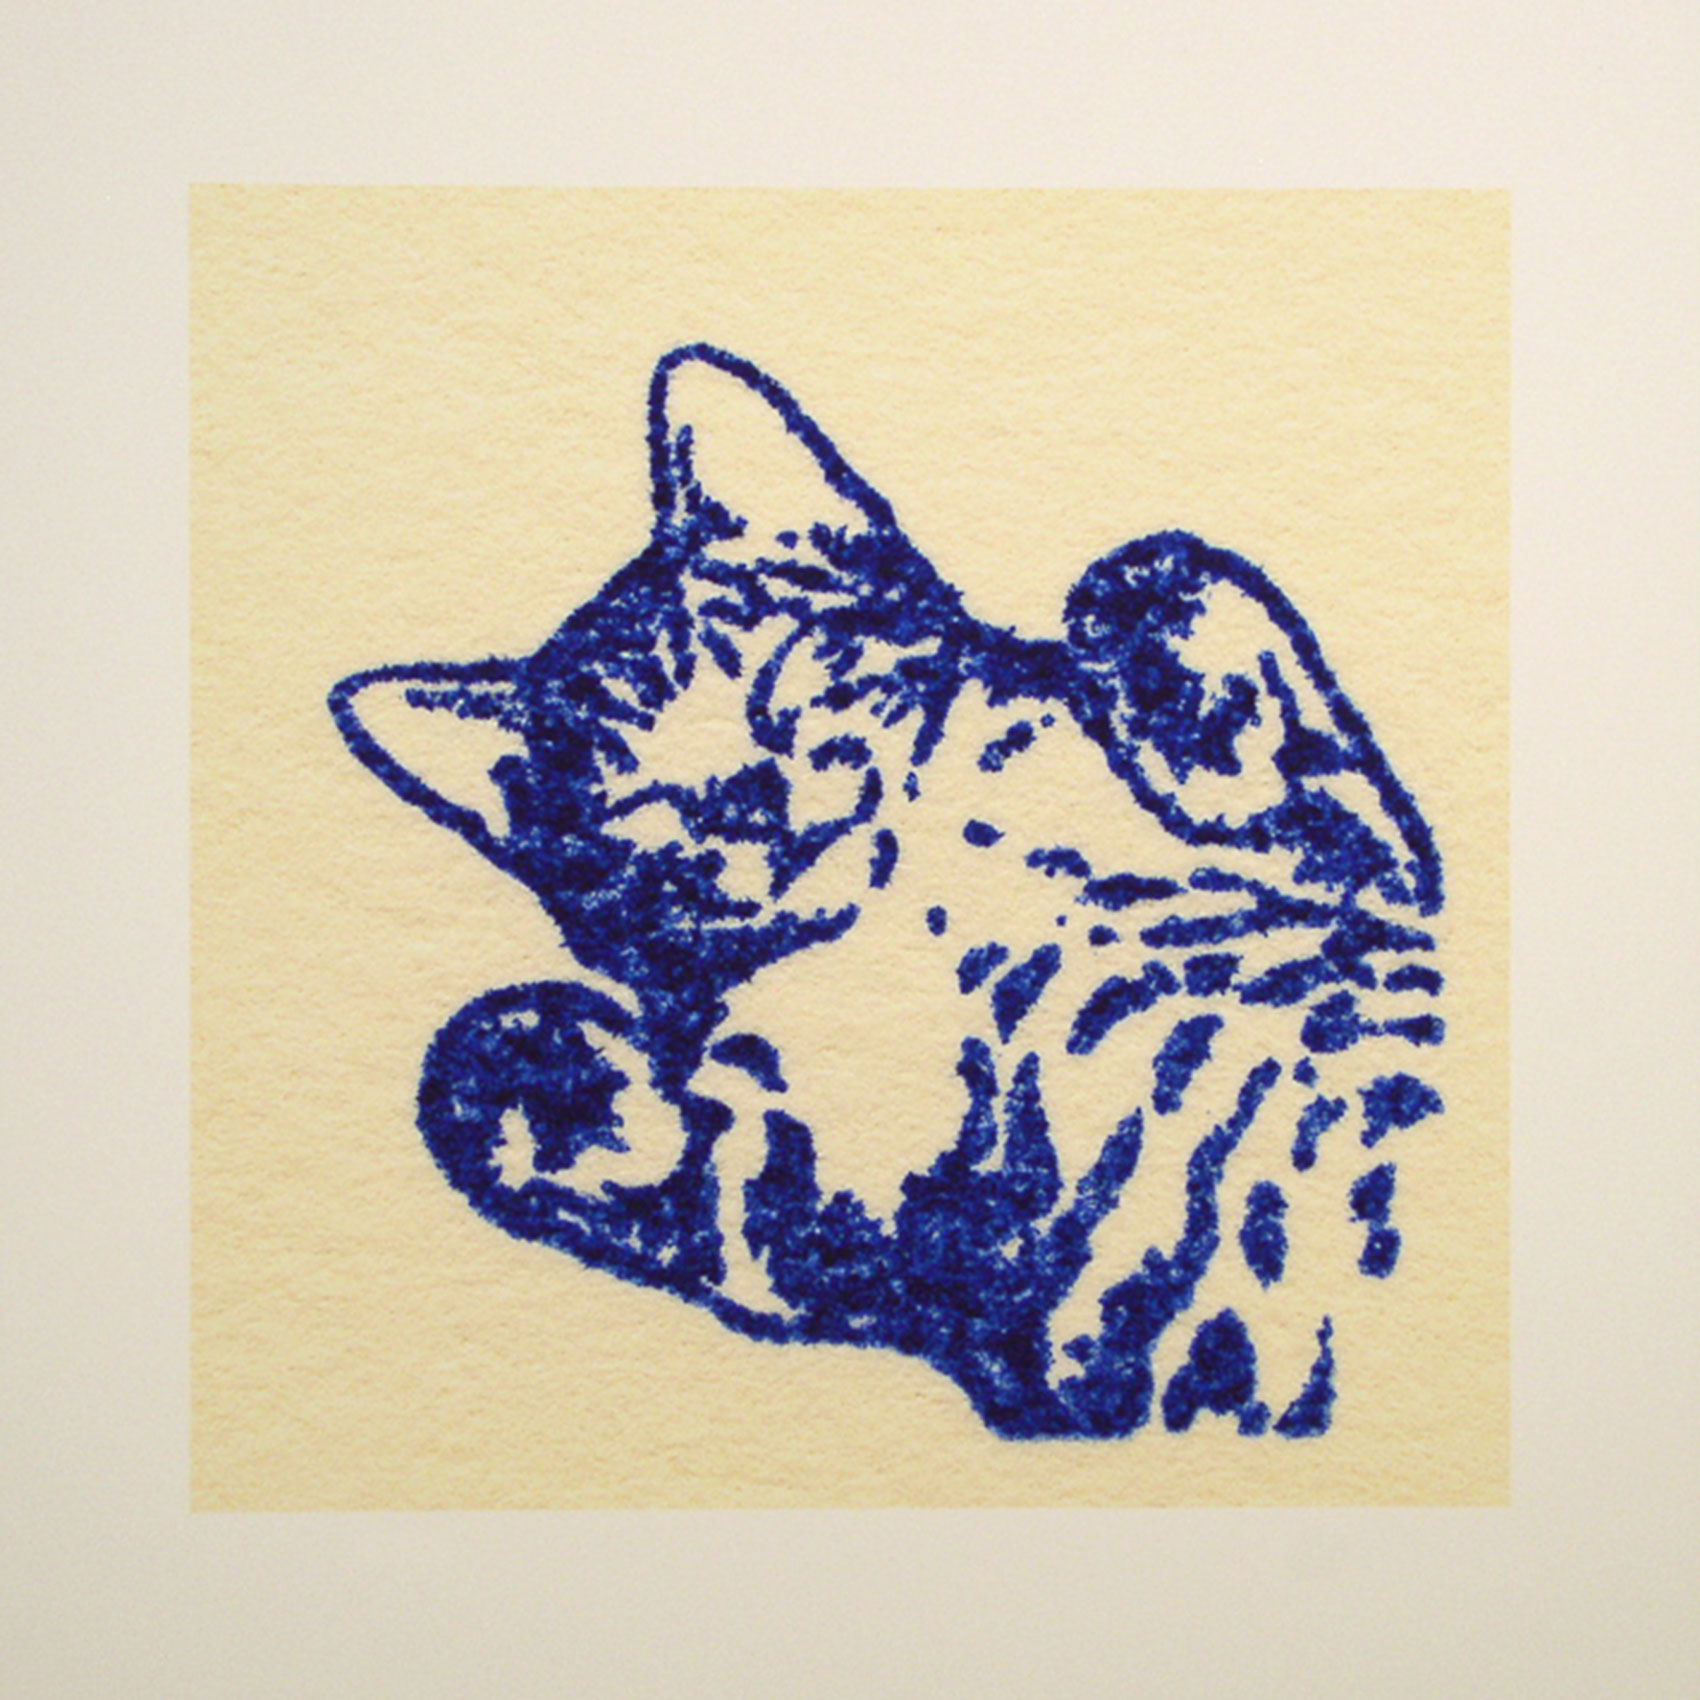 """Jebediah; blue; 2007; image size 10"""" x 10"""""""